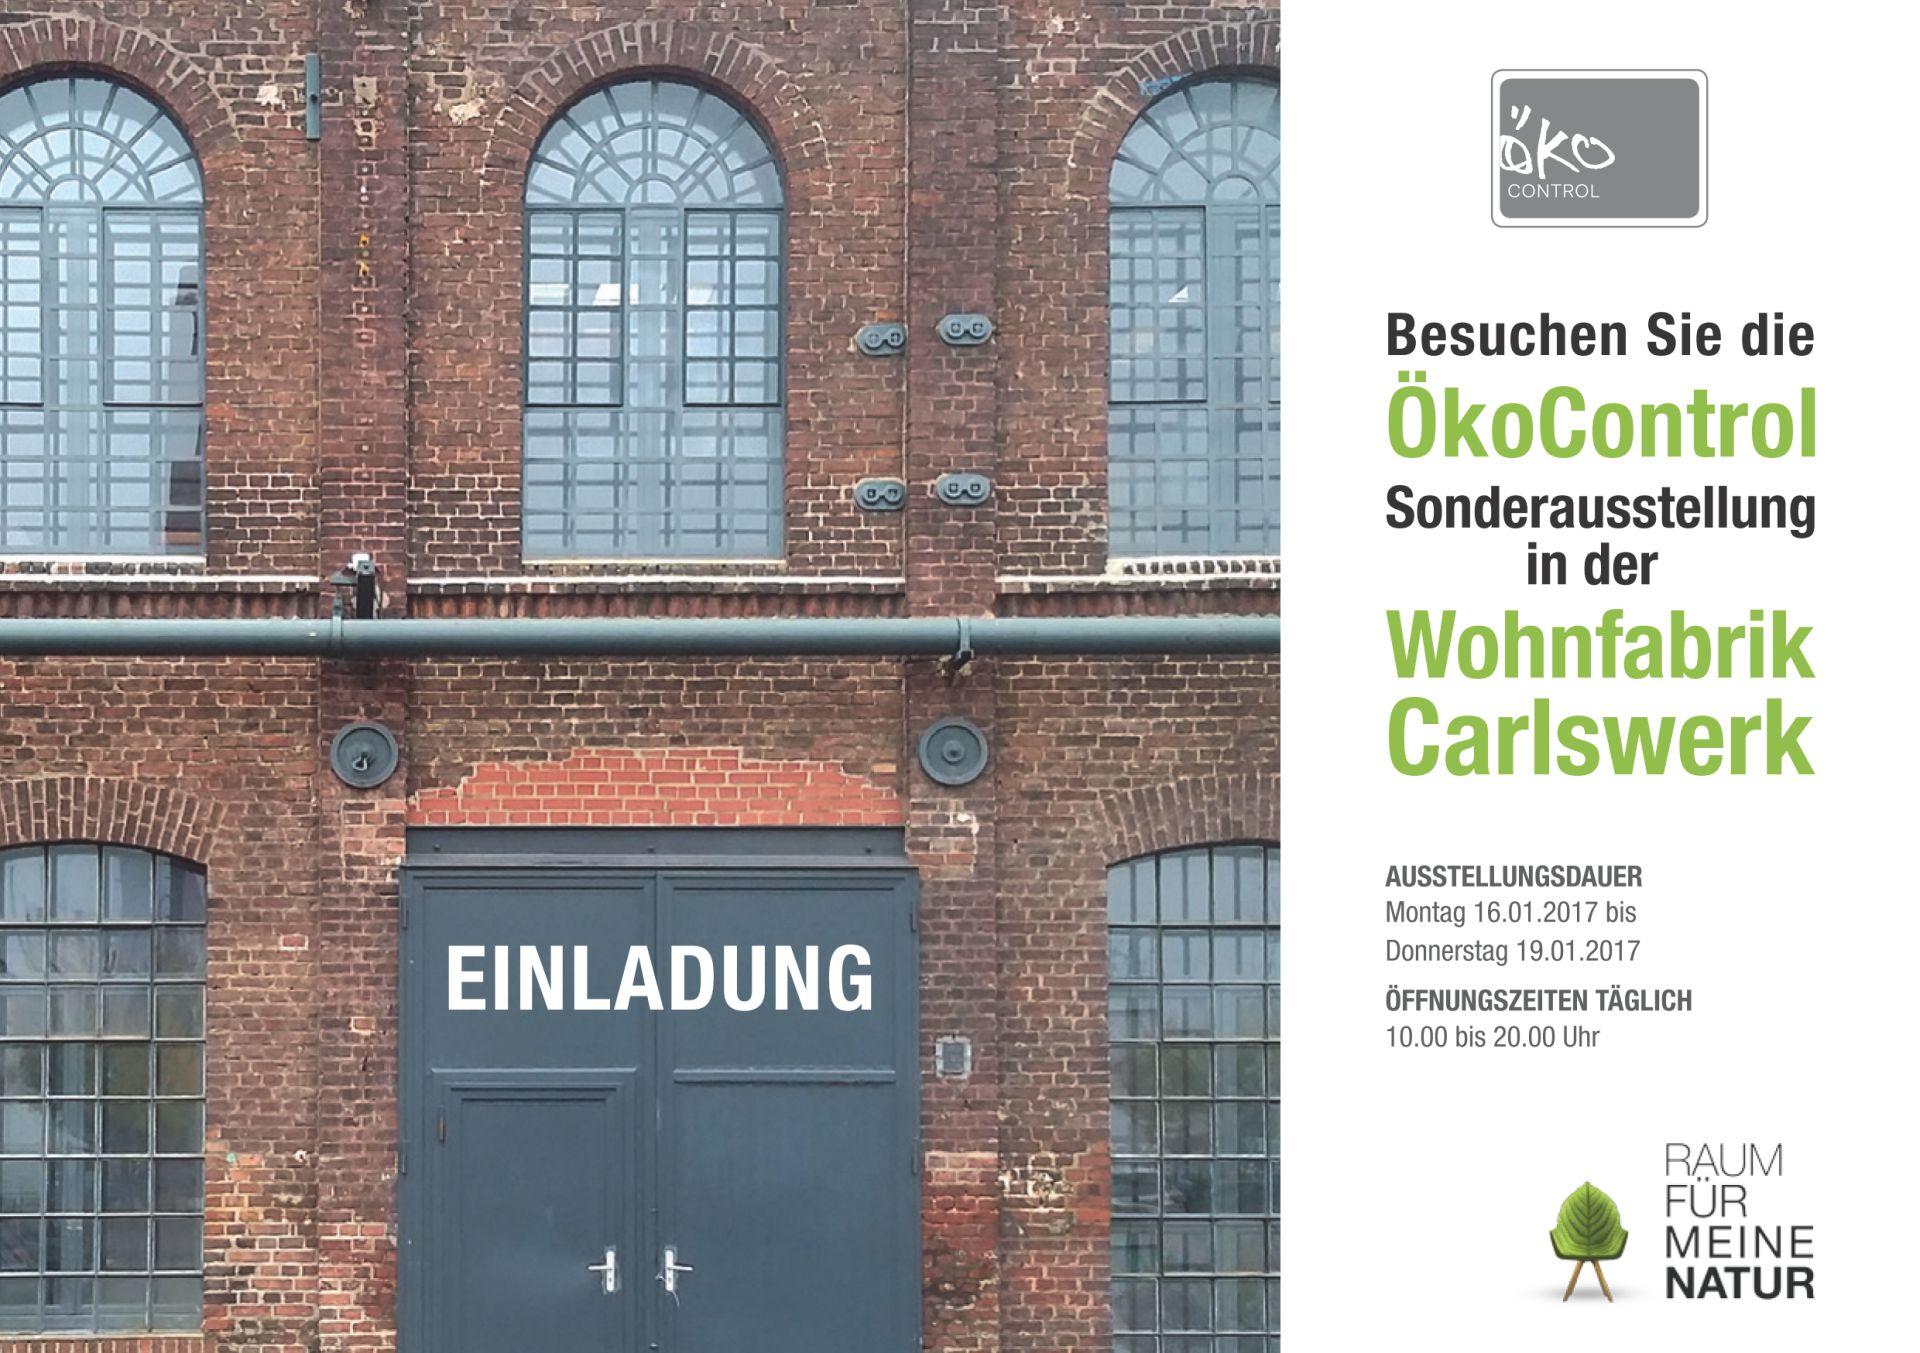 Einladung zur Sonderausstellung der ProÖko im Carlswerk in Köln-Mülheim